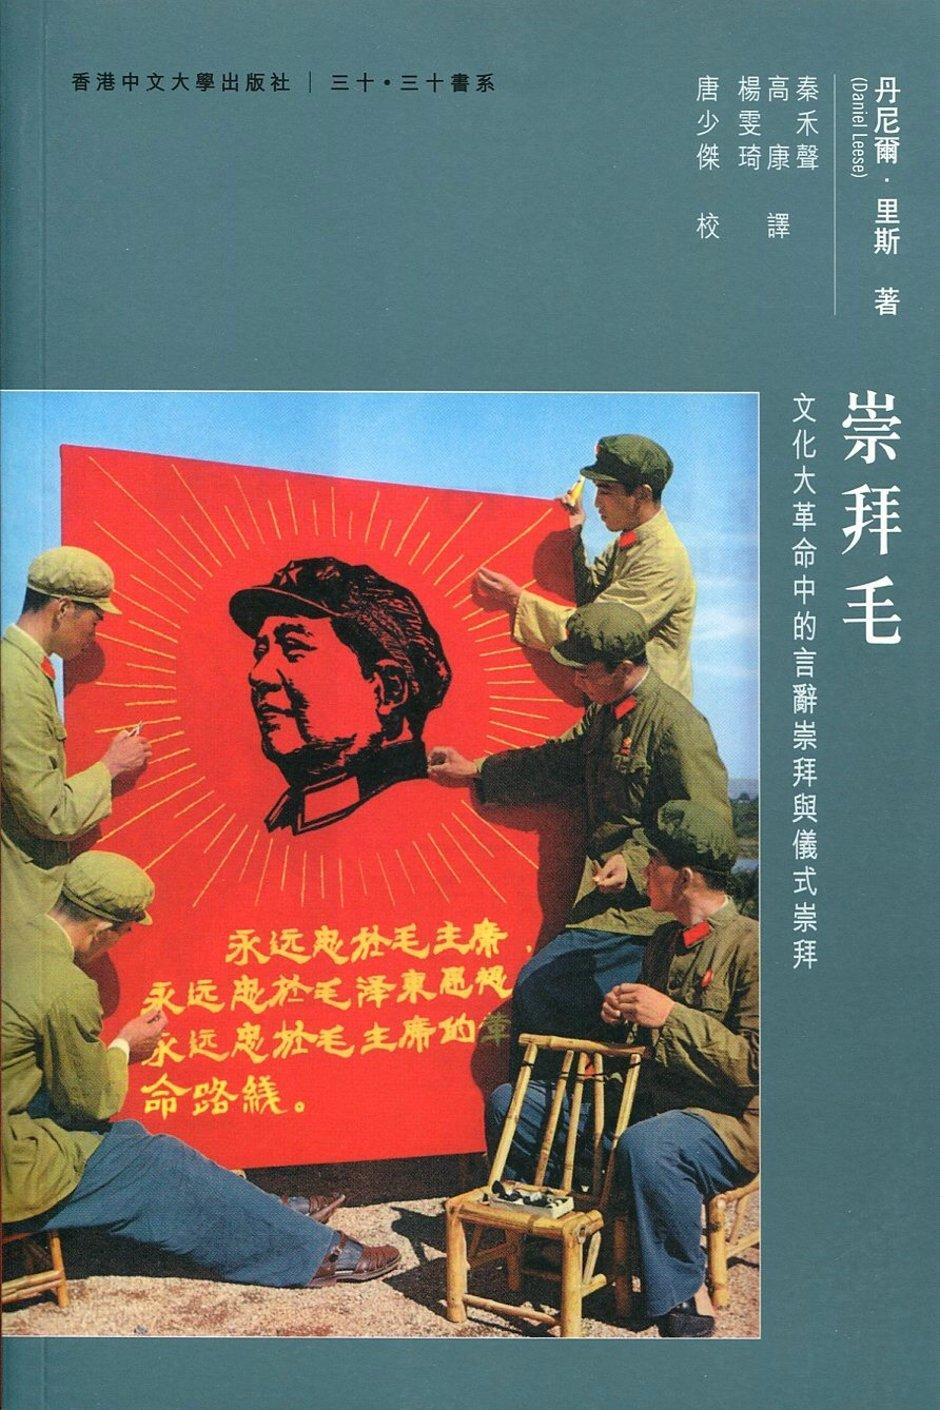 崇拜毛:文化大革命中的言辭崇拜與儀式崇拜